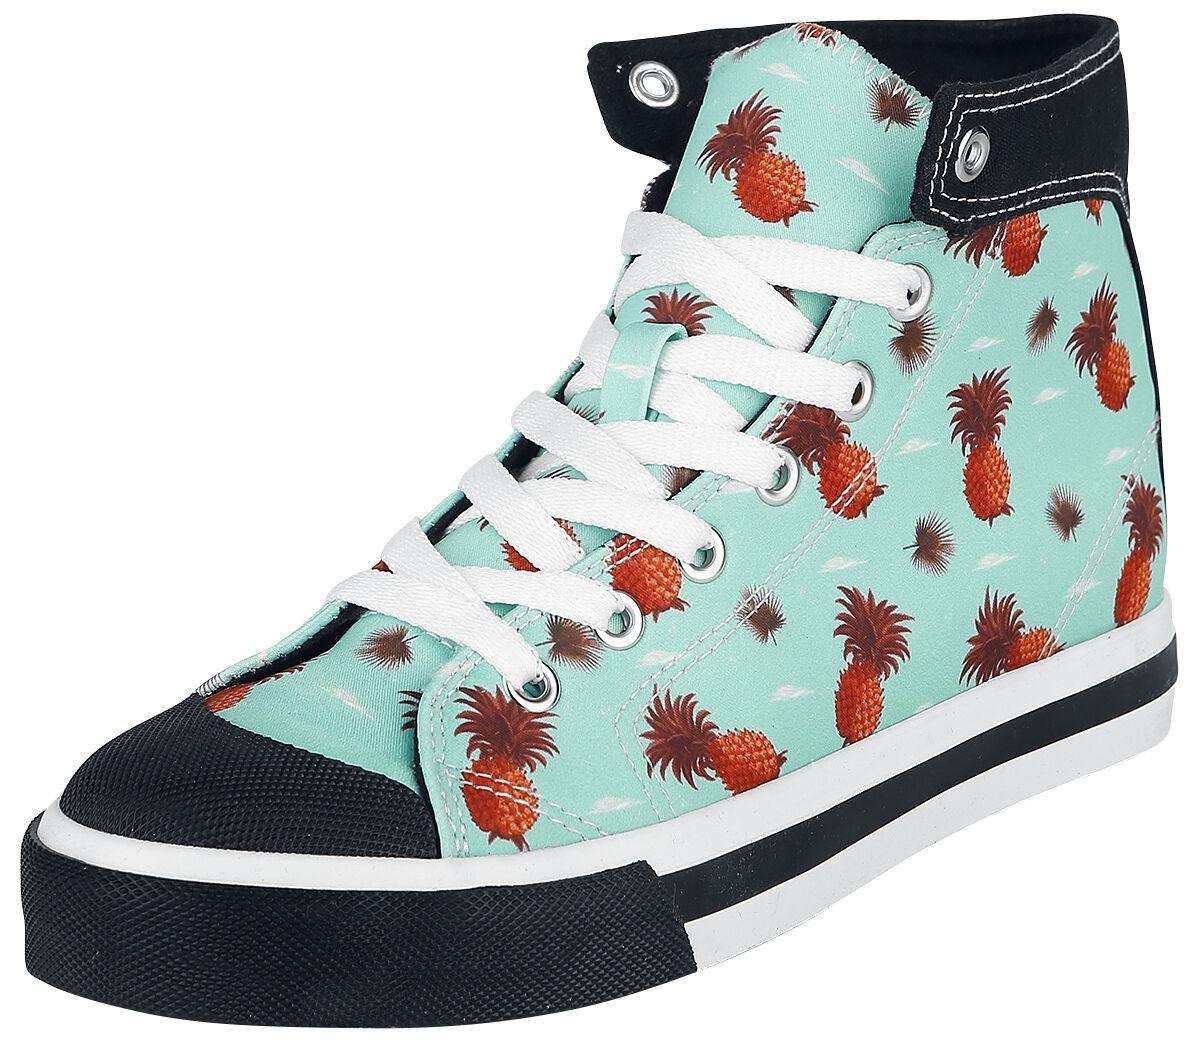 Sneakers für Frauen - Pussy Deluxe Pineapple Dream Sneaker Sneaker blau  - Onlineshop EMP